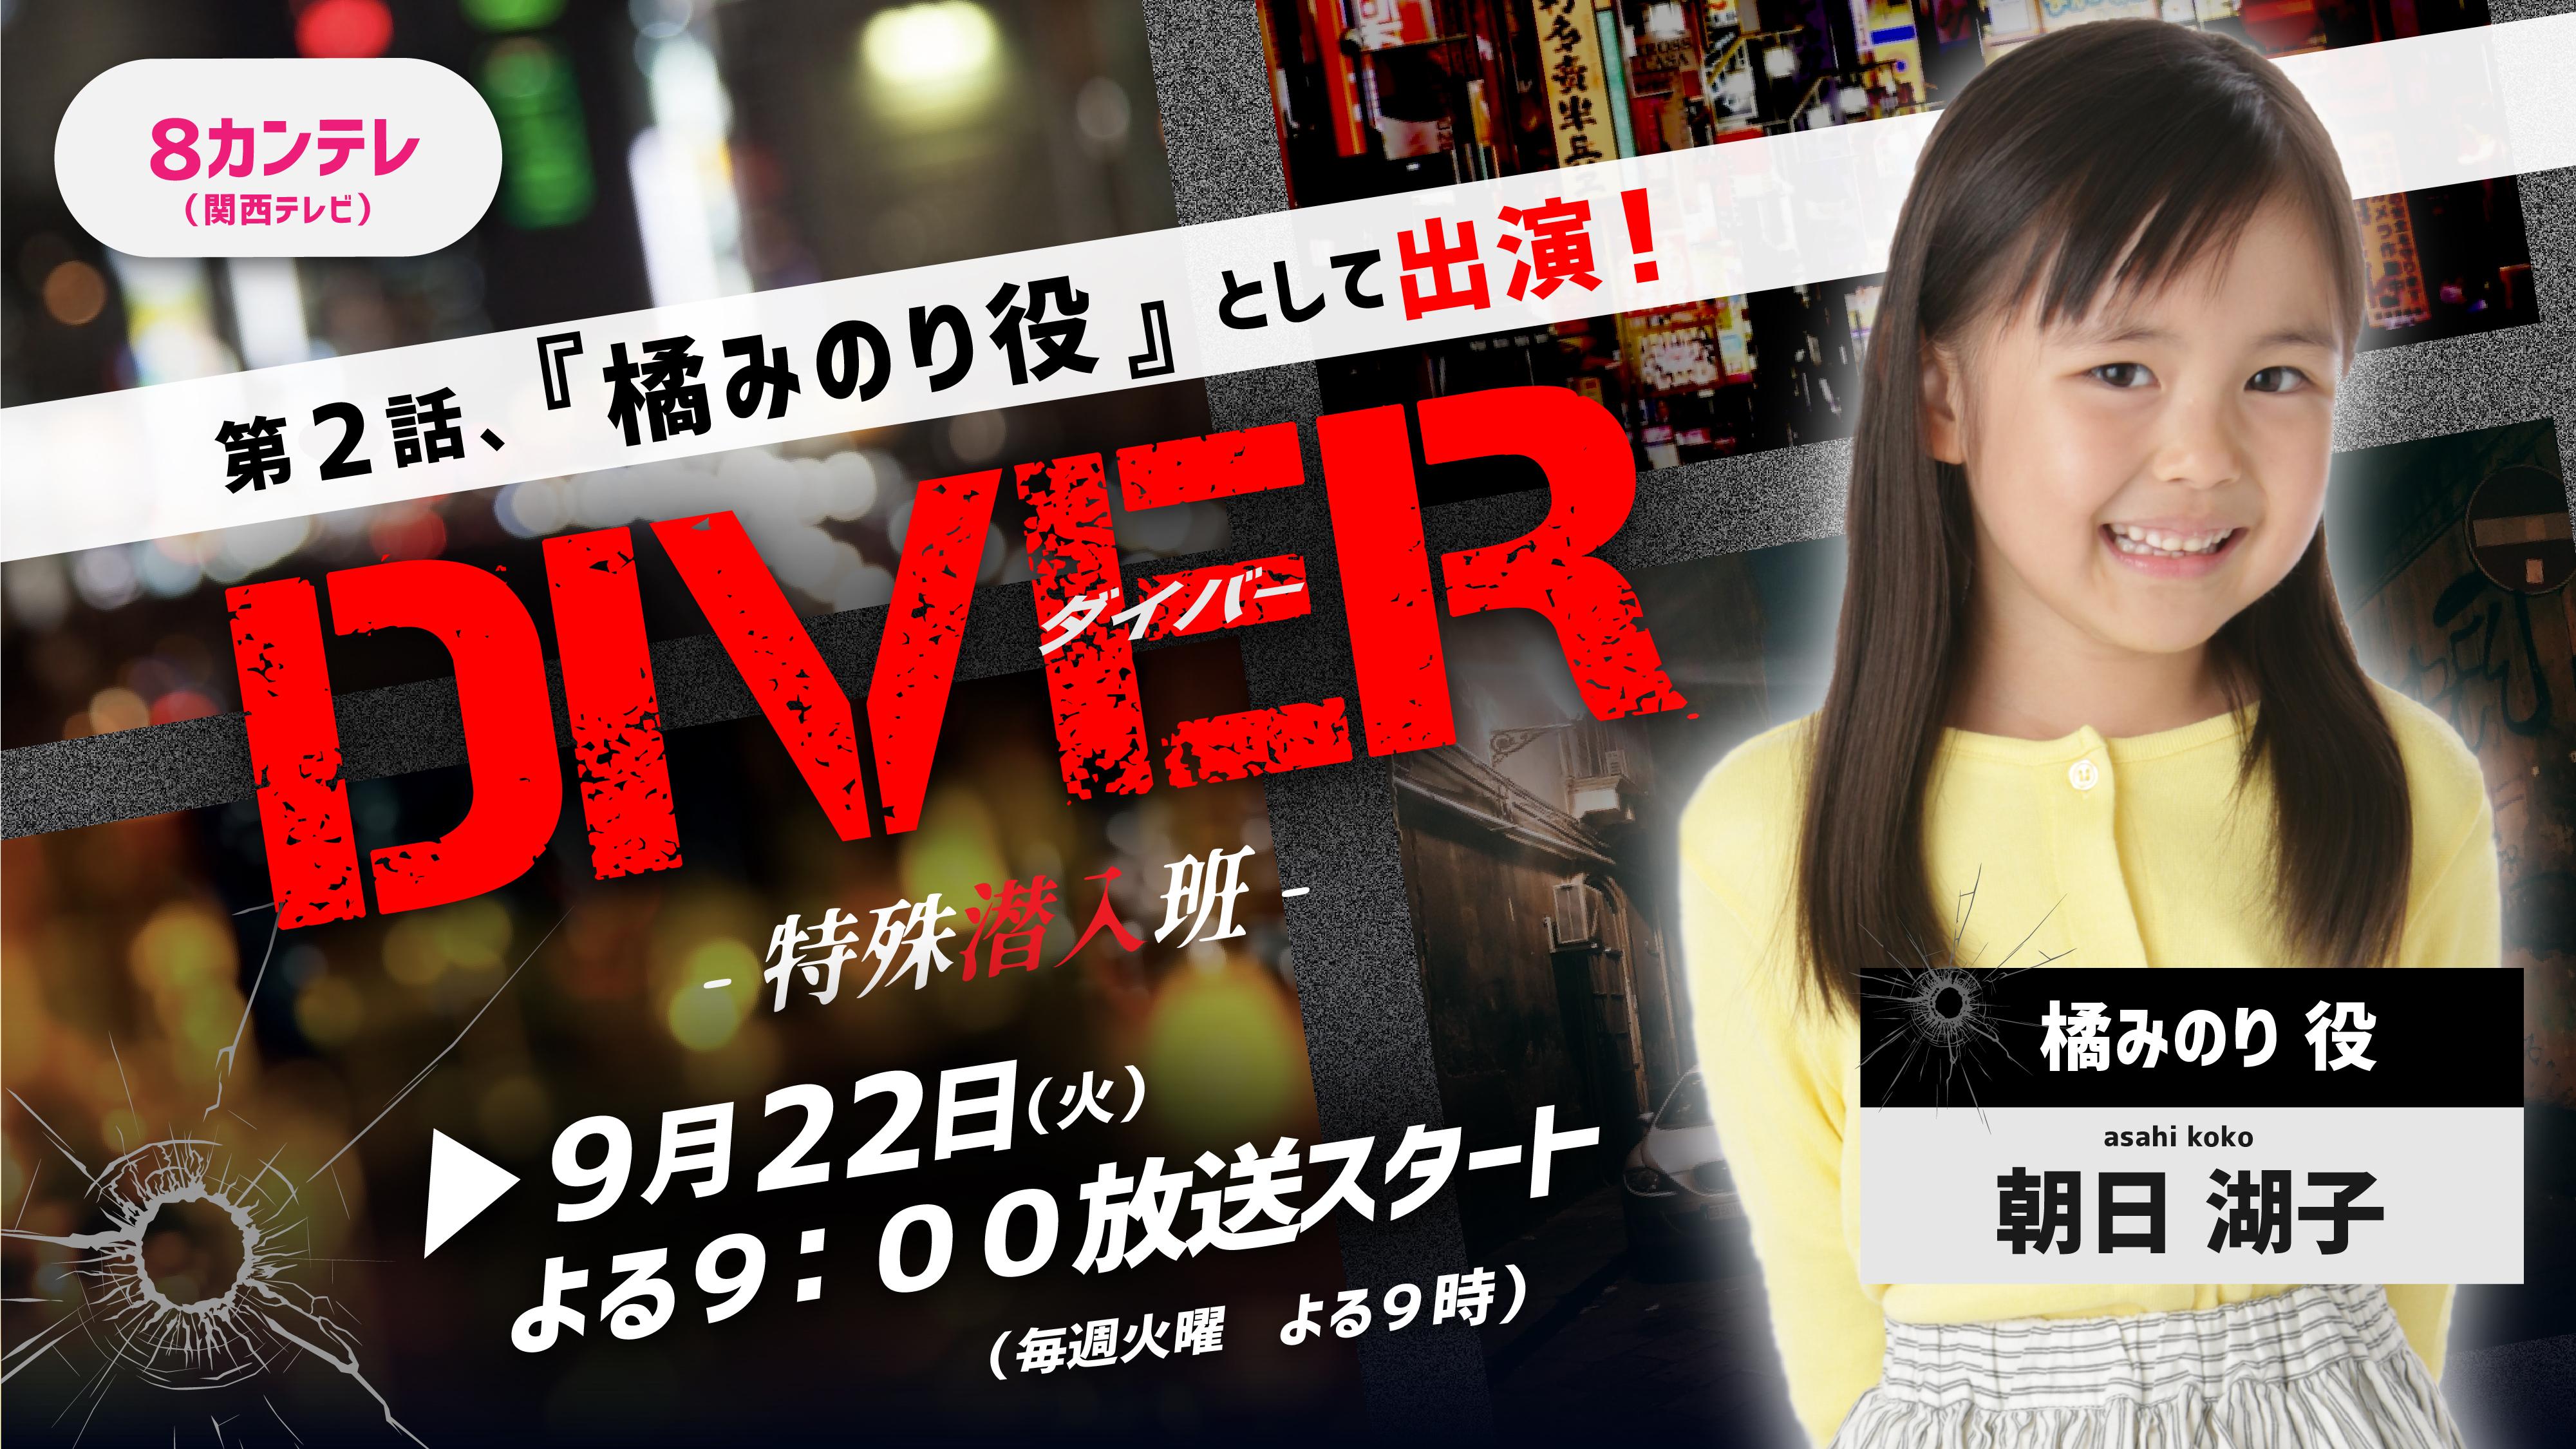 【出演情報】朝日湖子 / カンテレ・フジテレビ系連続ドラマ「DIVER-特殊潜入班-」出演